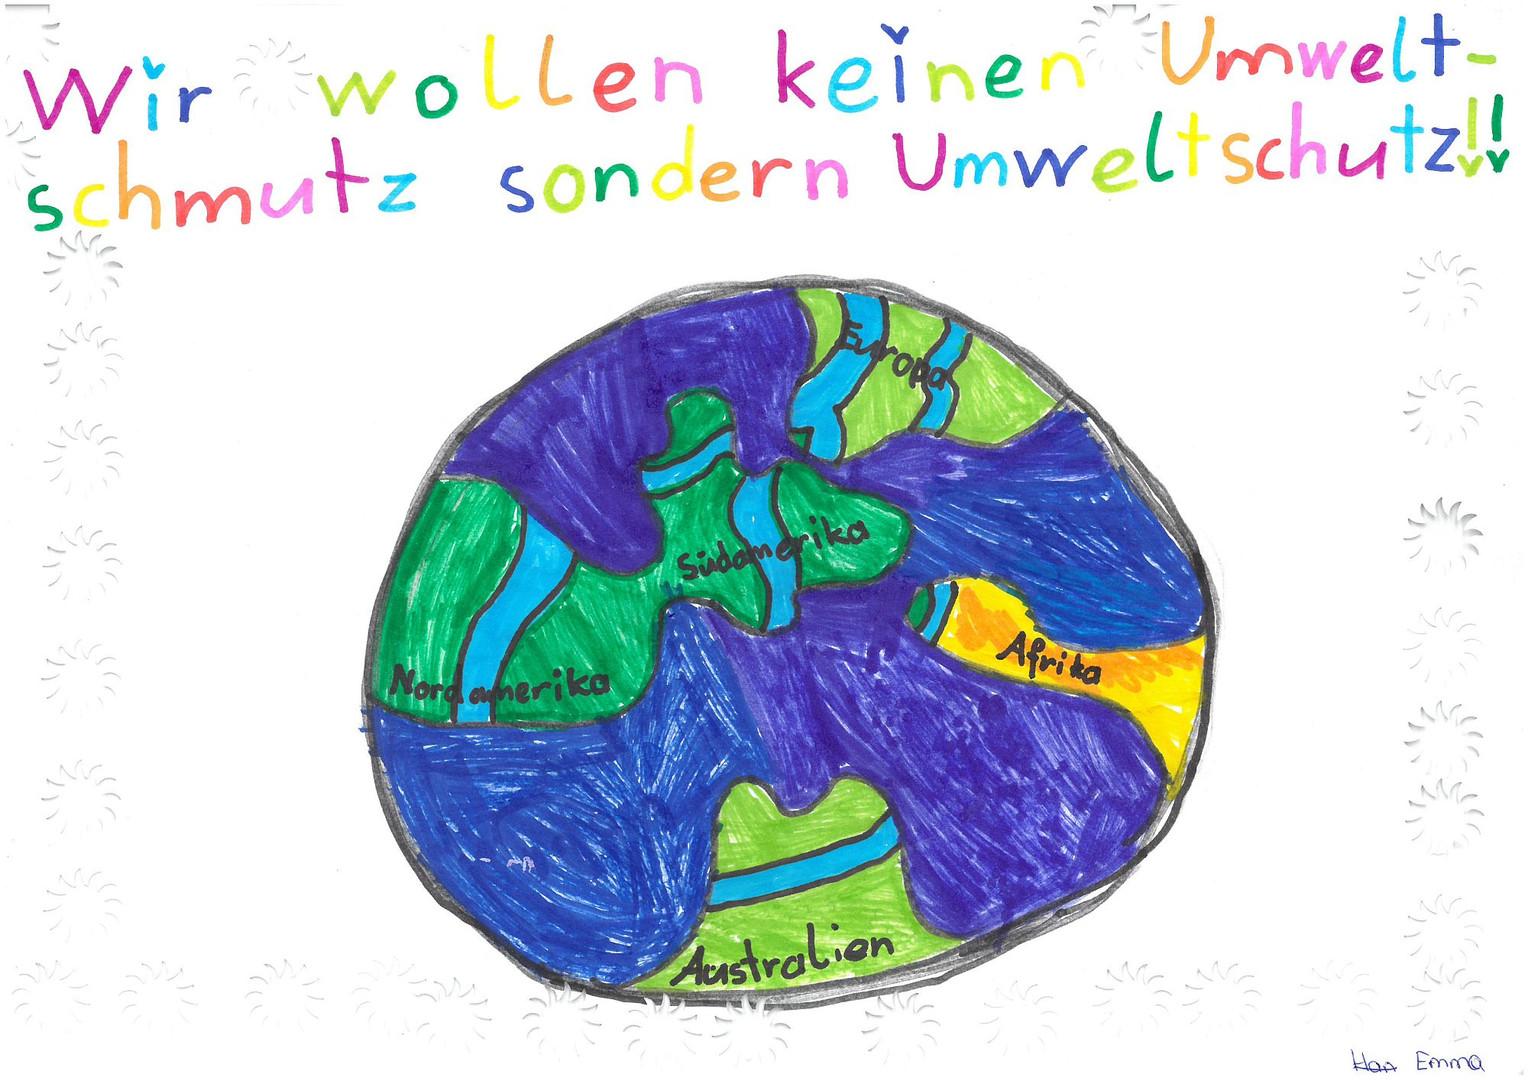 Umweltschutz1.jpg